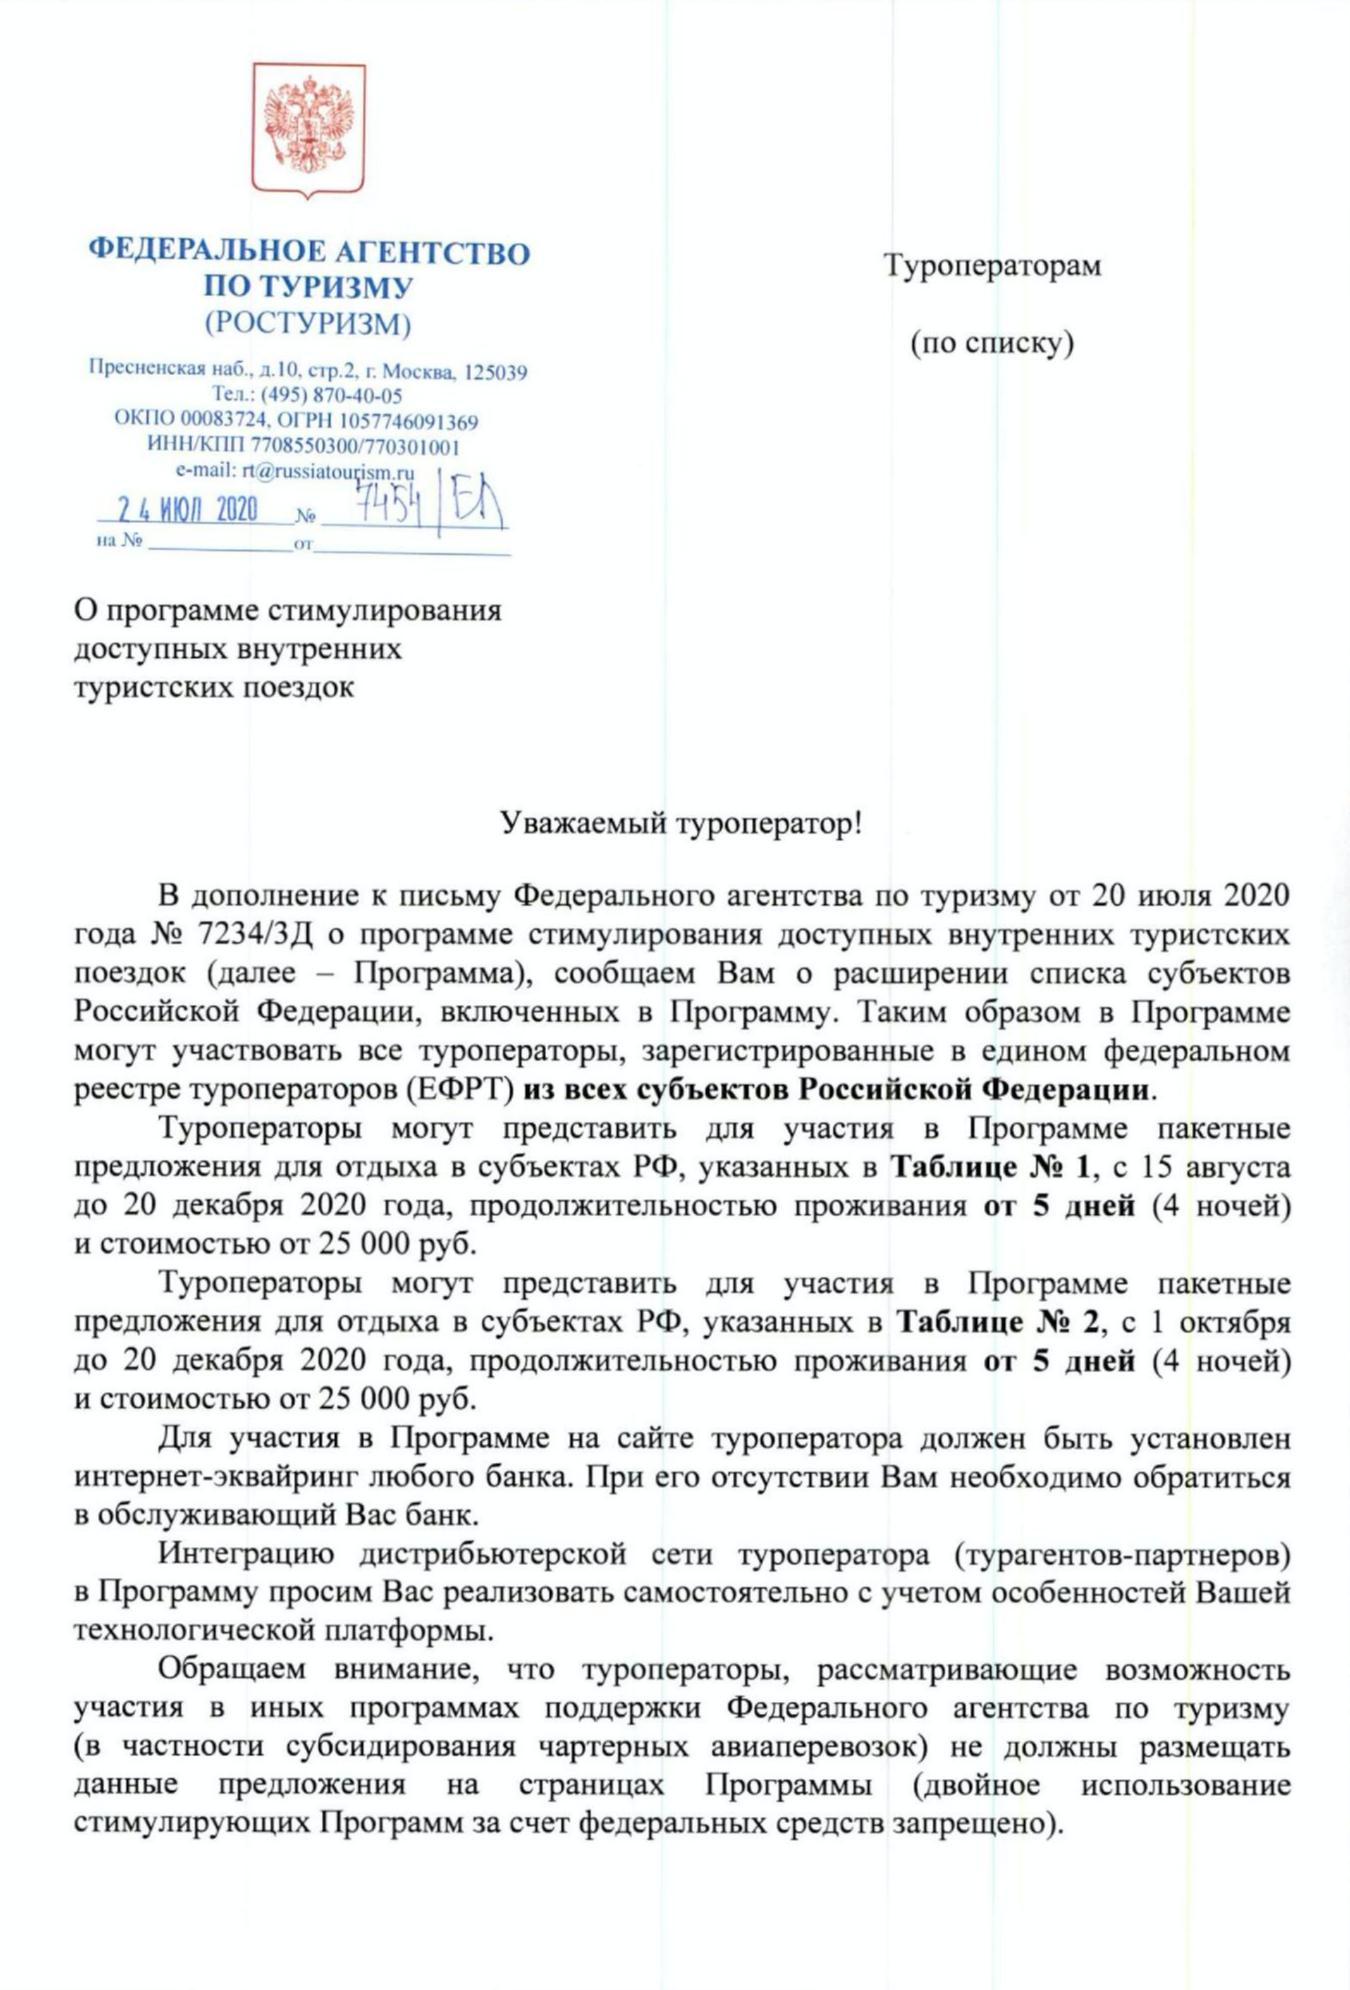 Первые две страницы письма, которое Ростуризм направил туроператорам